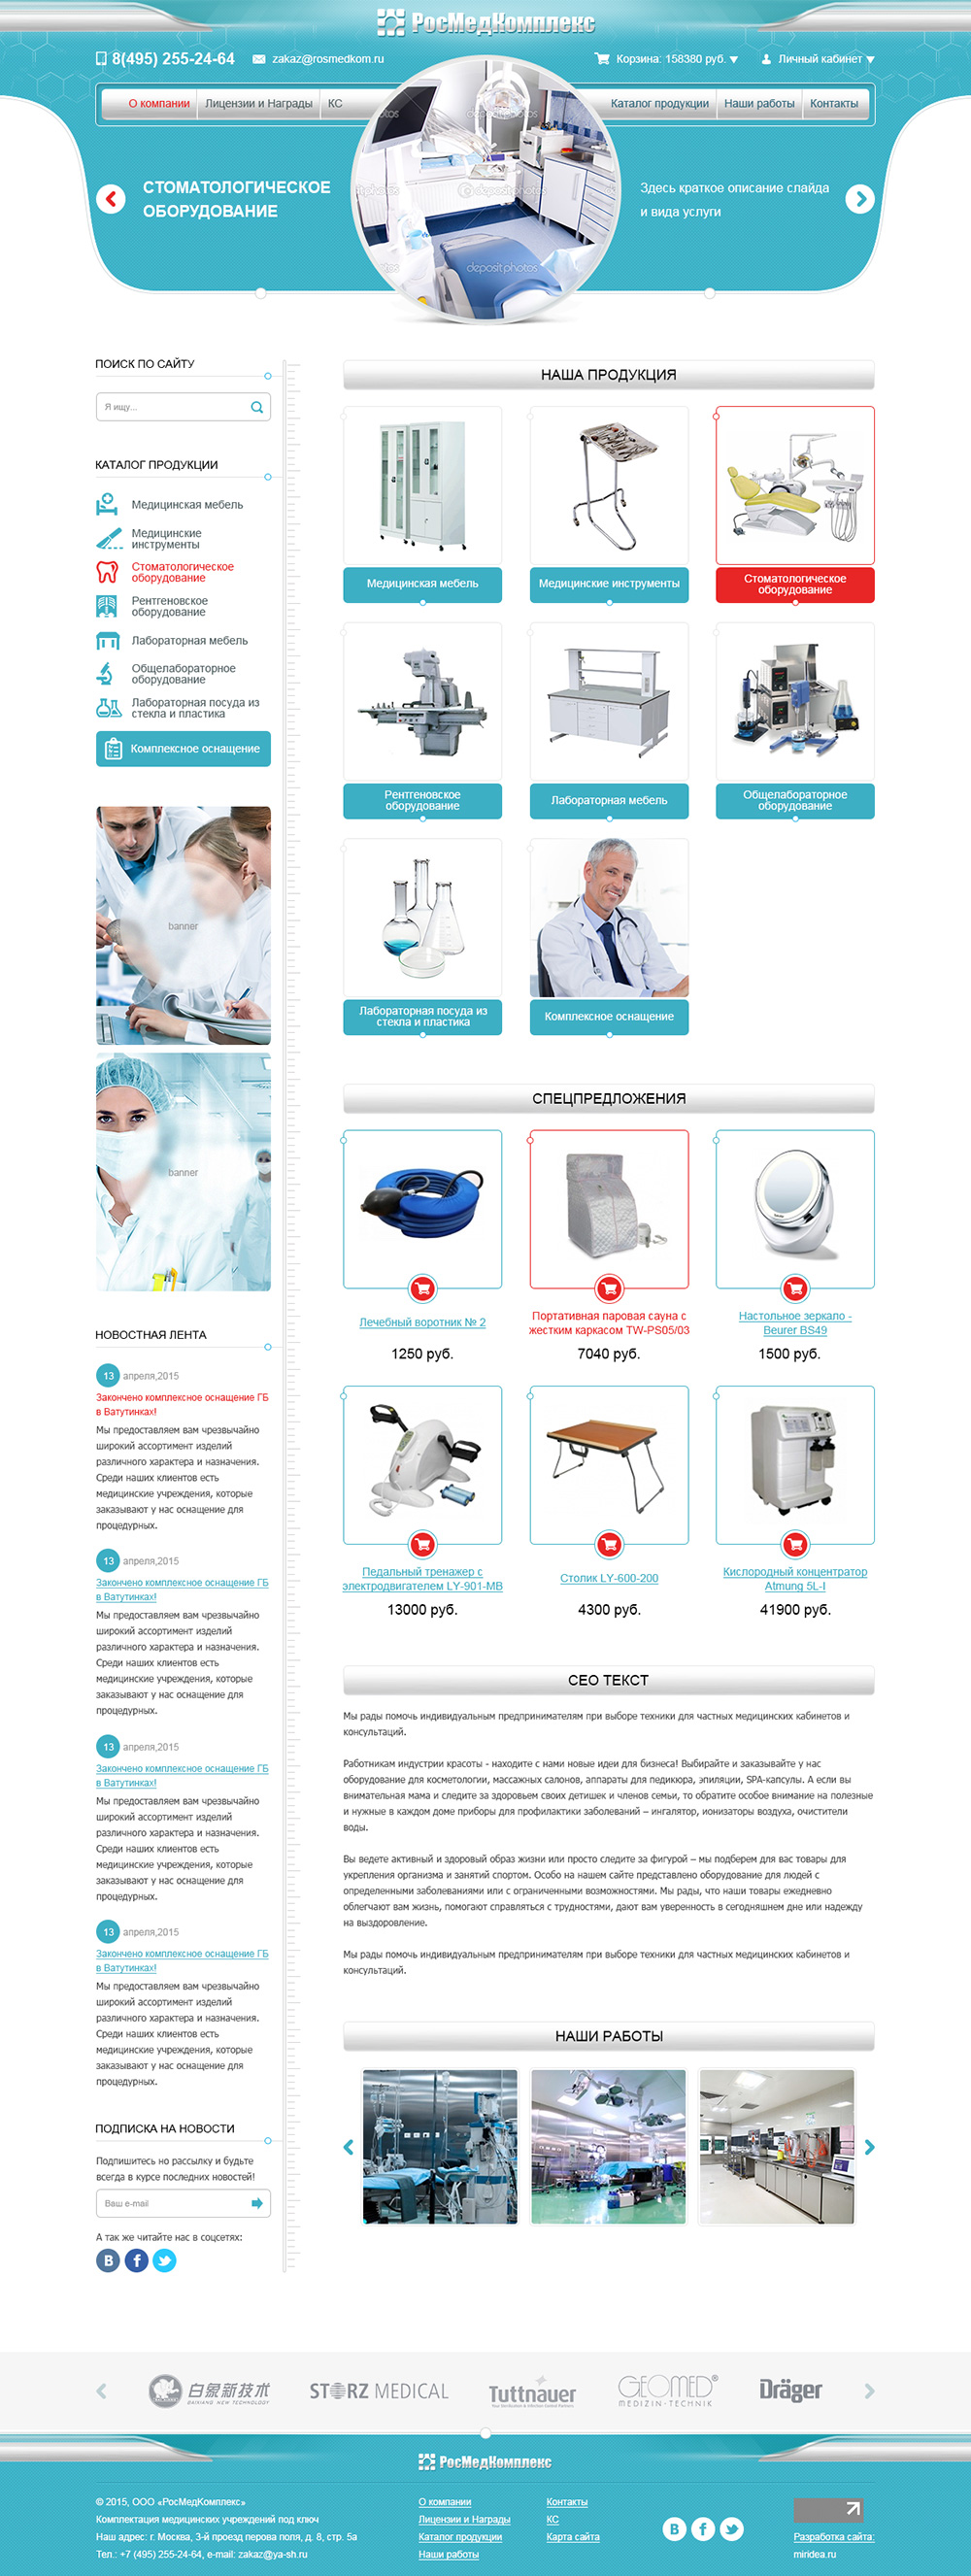 РосМедКомплекс - медицинское оборудование